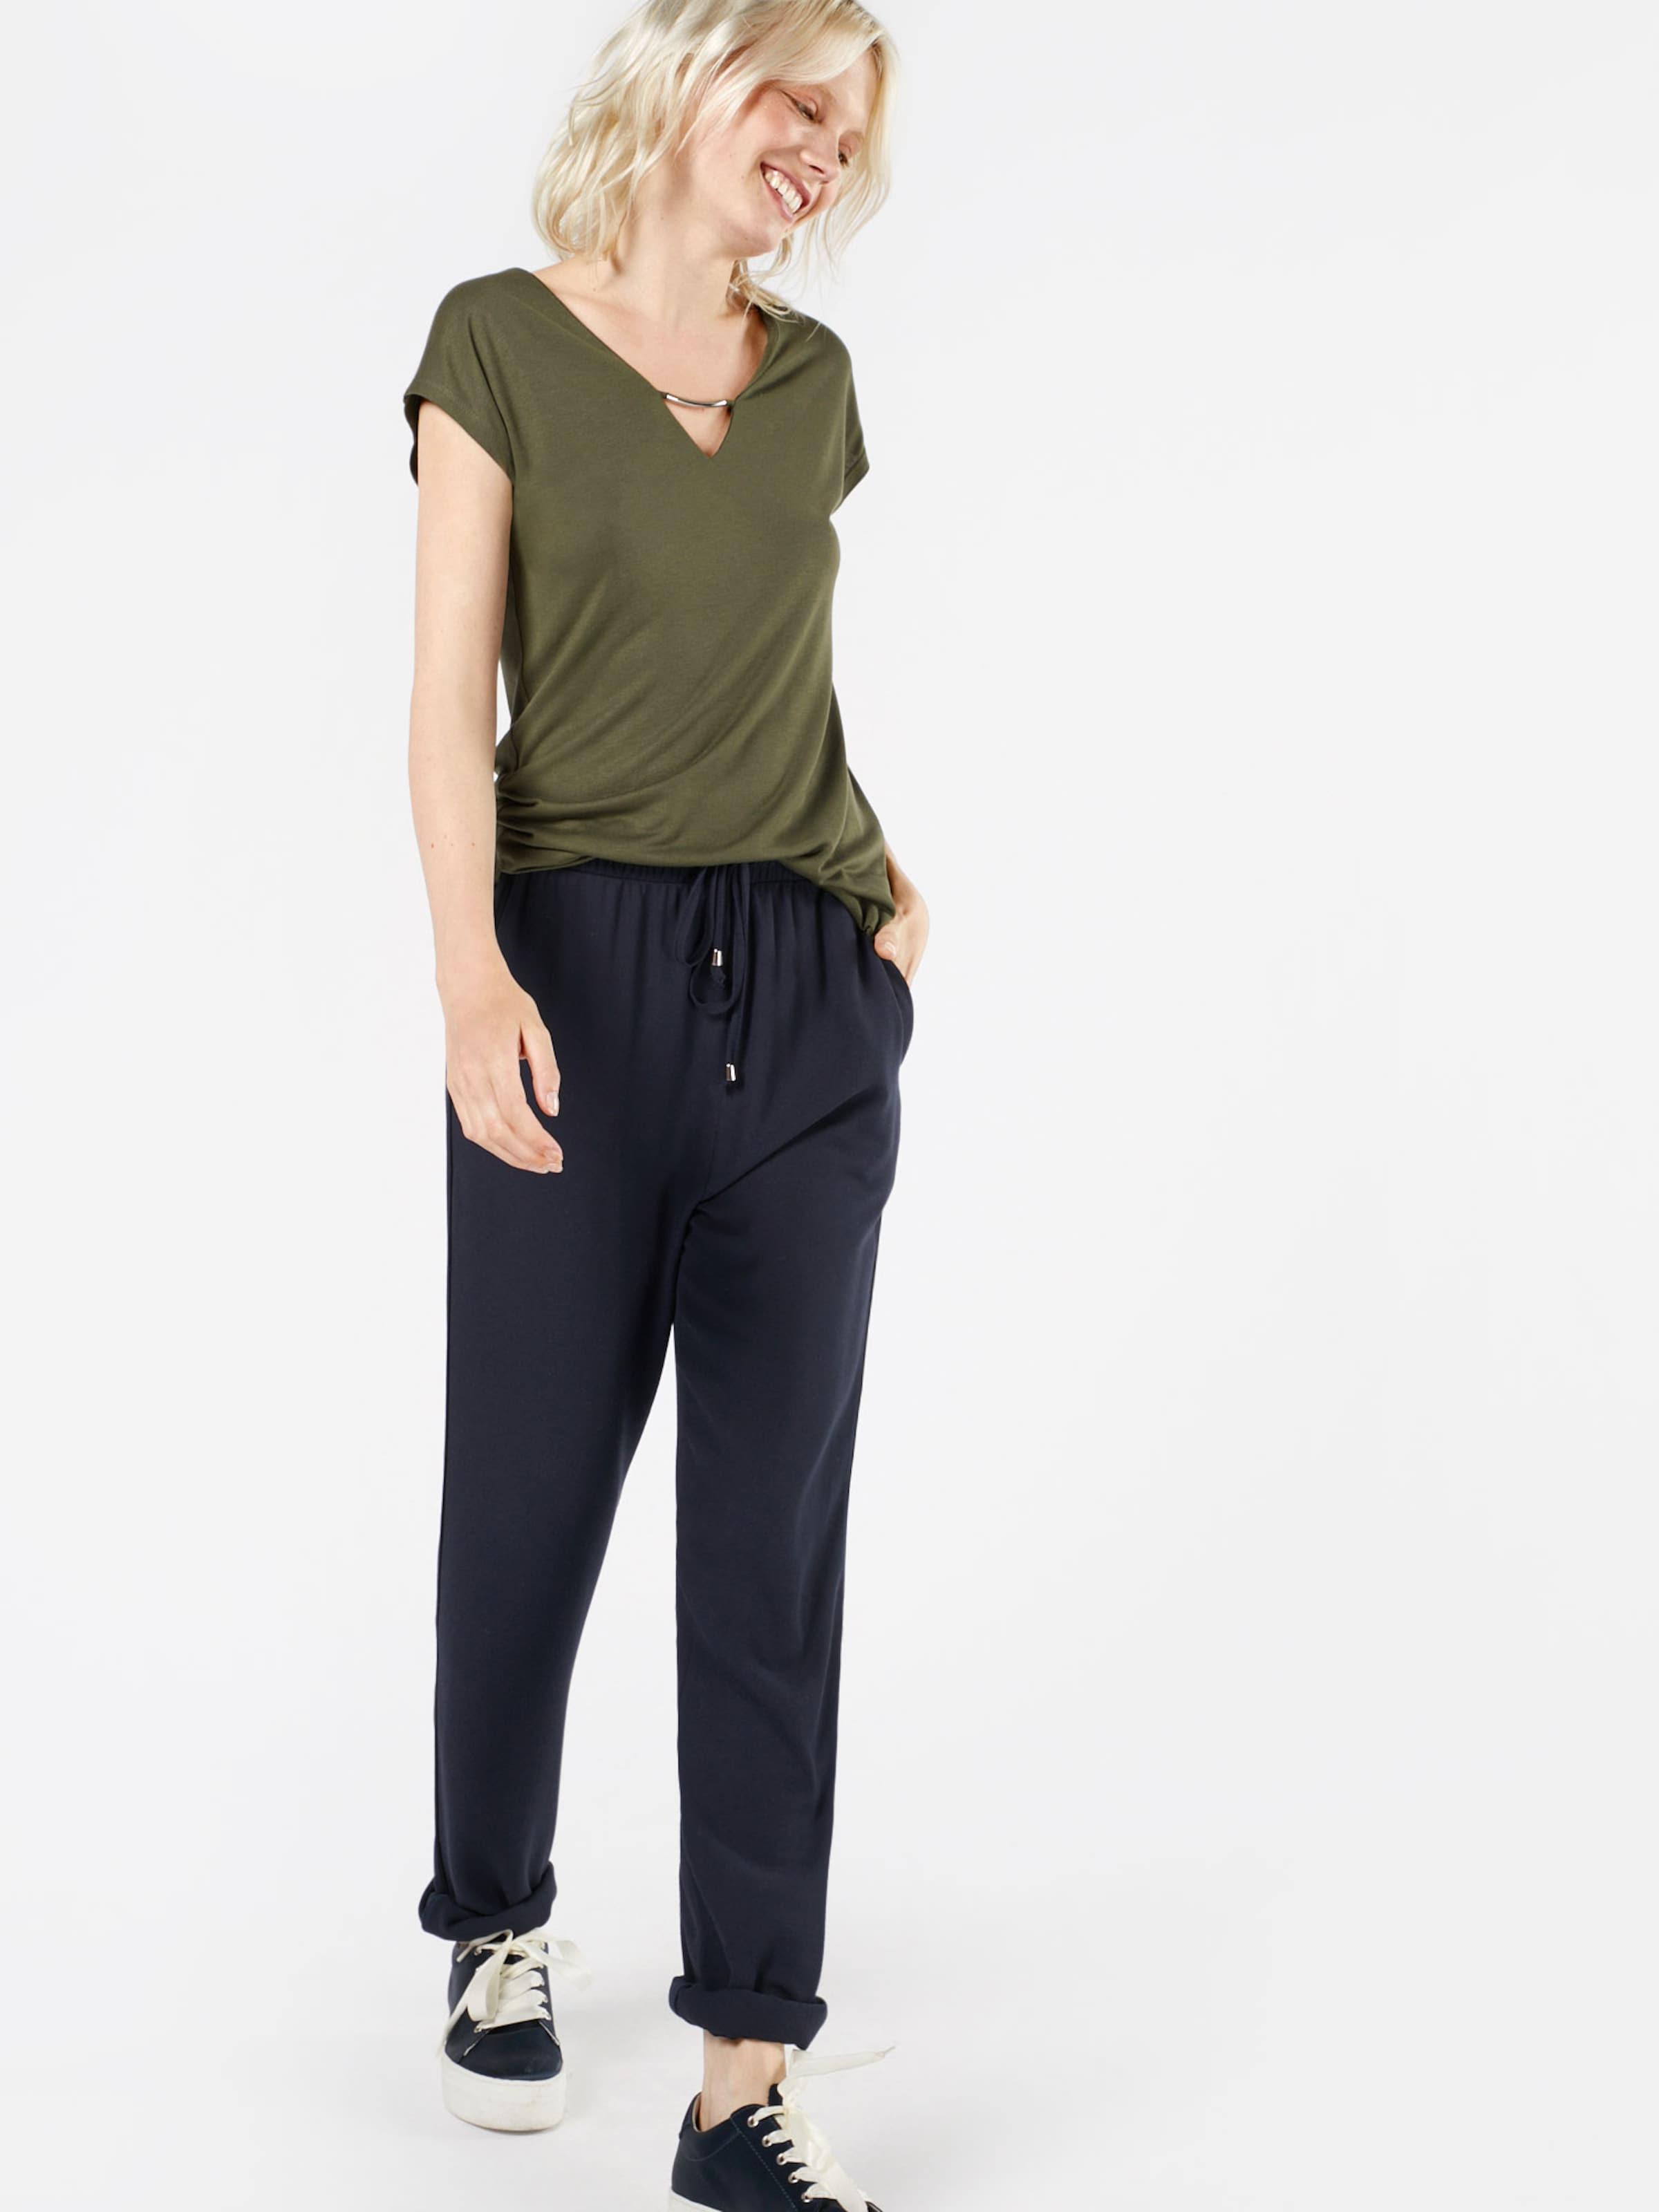 ABOUT YOU Shirt 'INKA' Shop-Angebot Zum Verkauf Billig Finden Große Outlet Brandneue Unisex Billigshop Billig Kaufen Shop XYTvxcwa